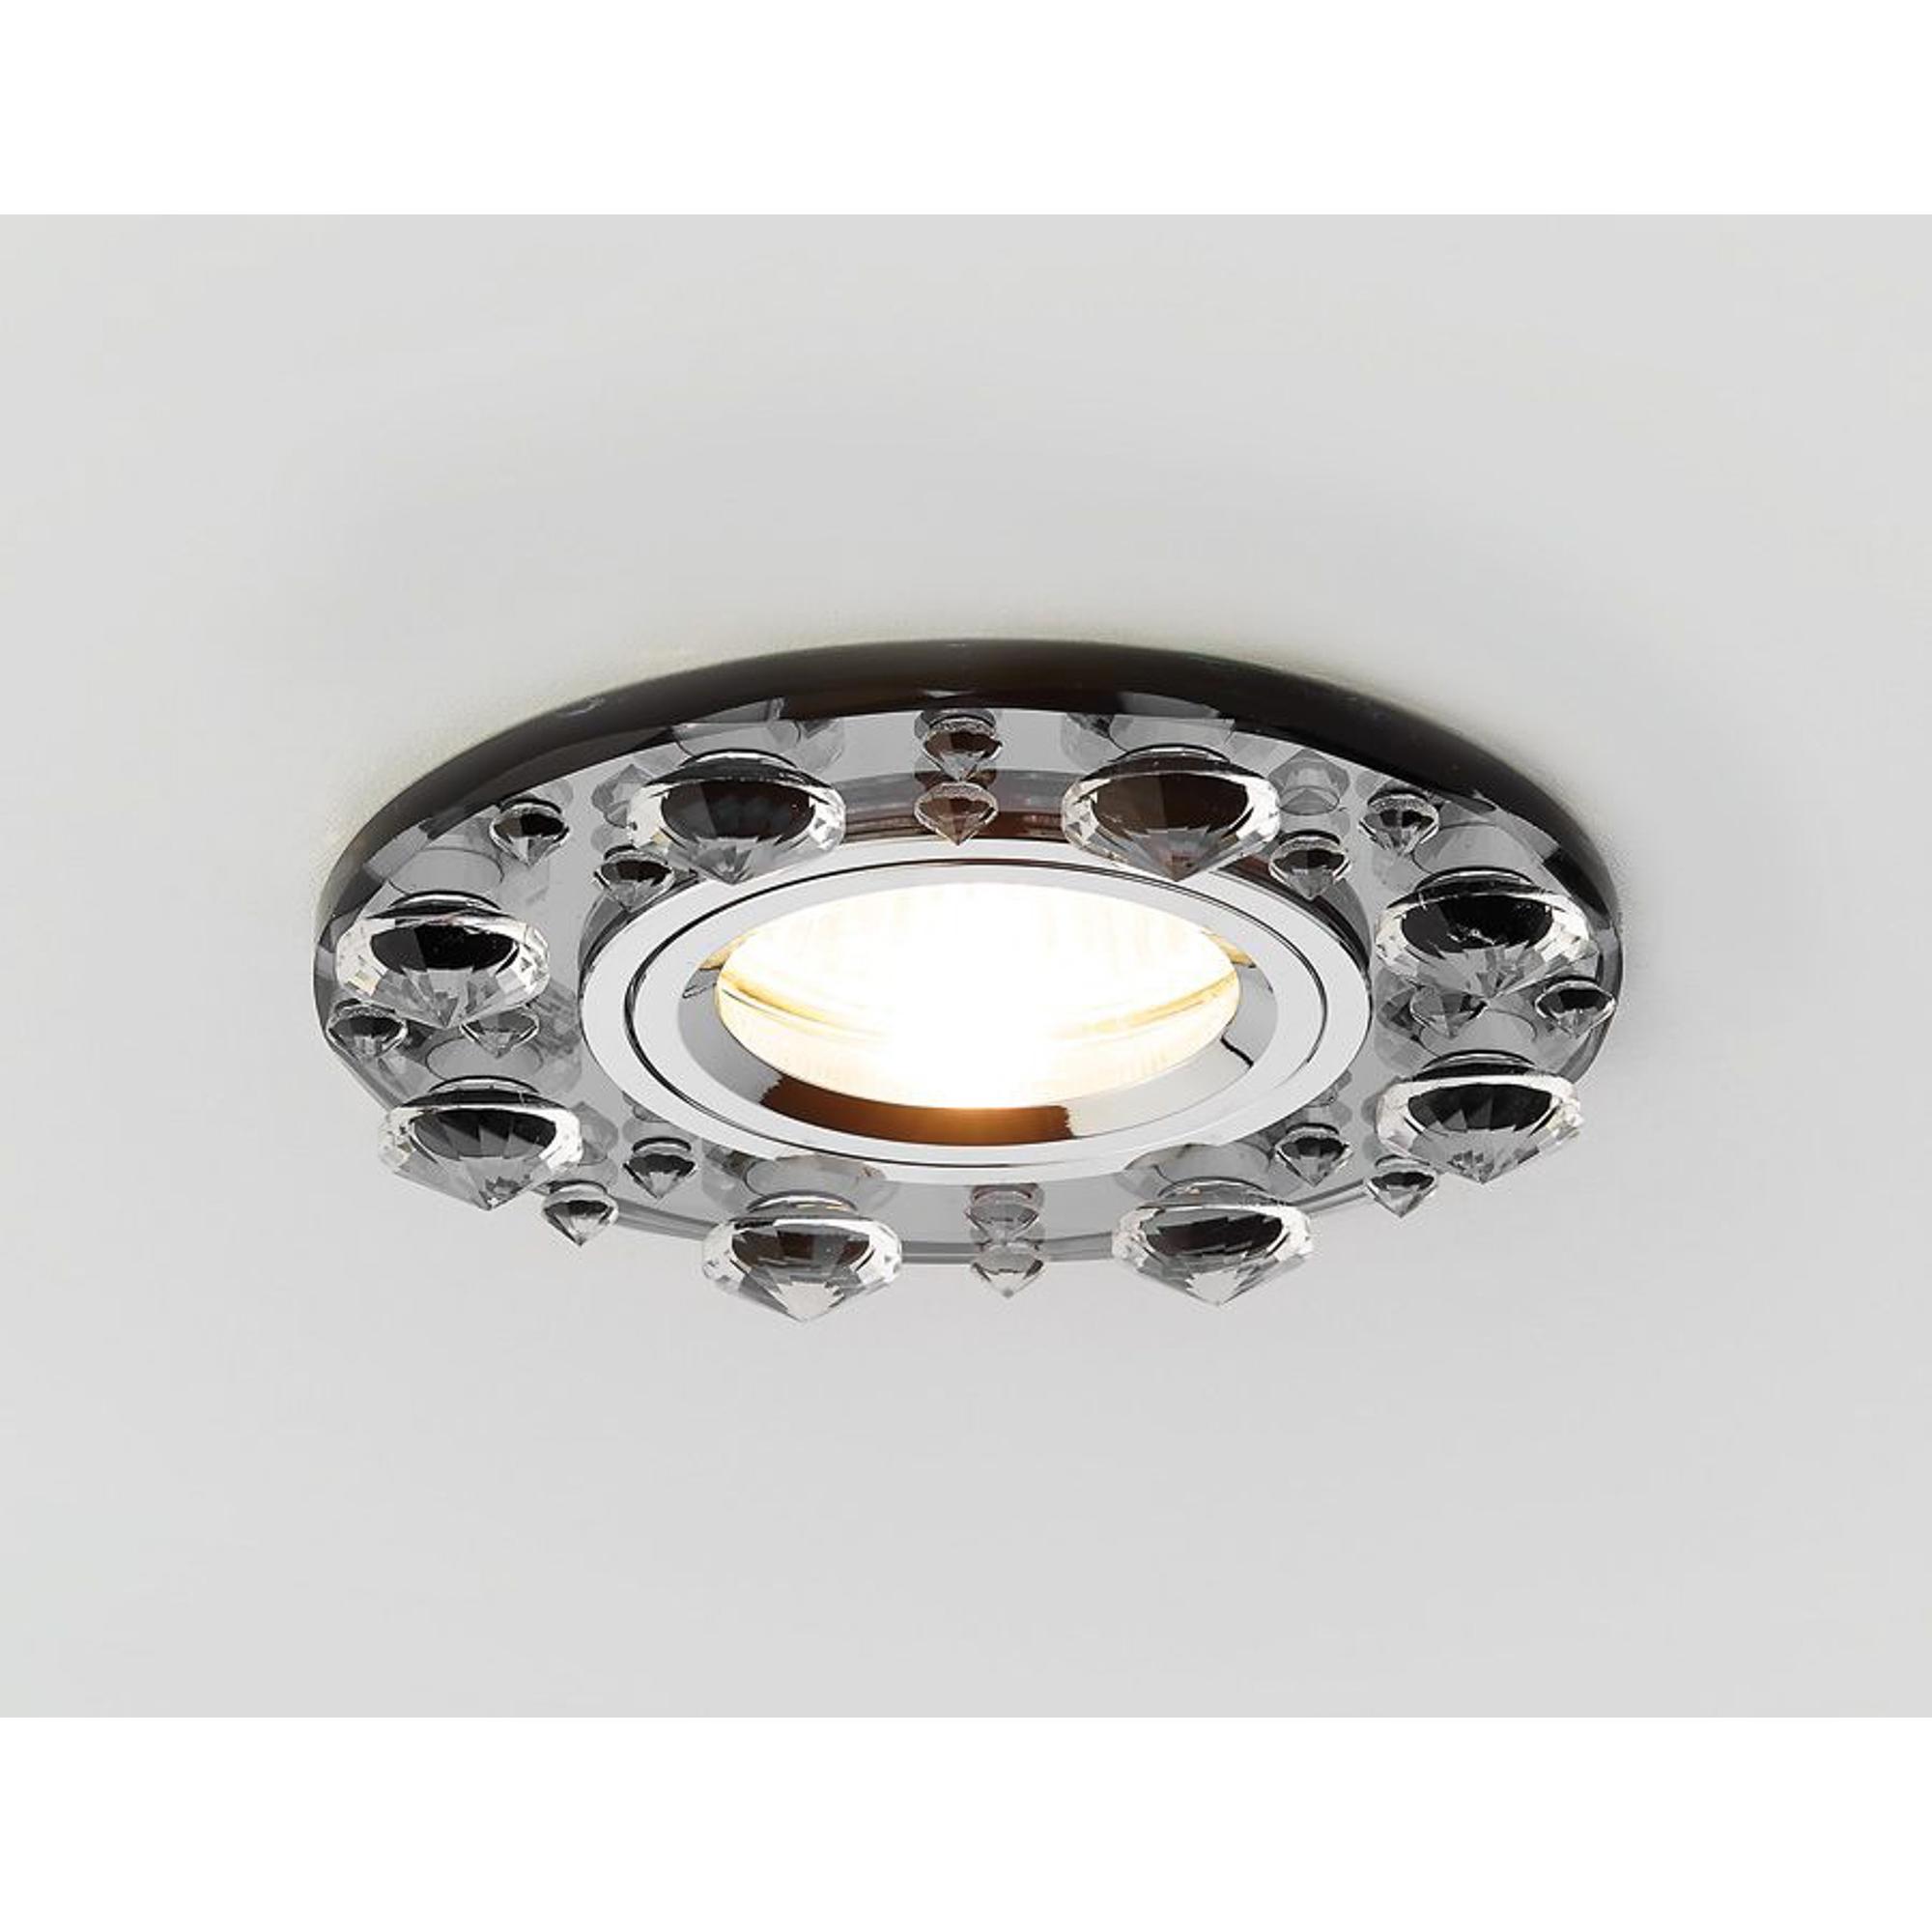 Встраиваемый светильник Ambrella K225 BK